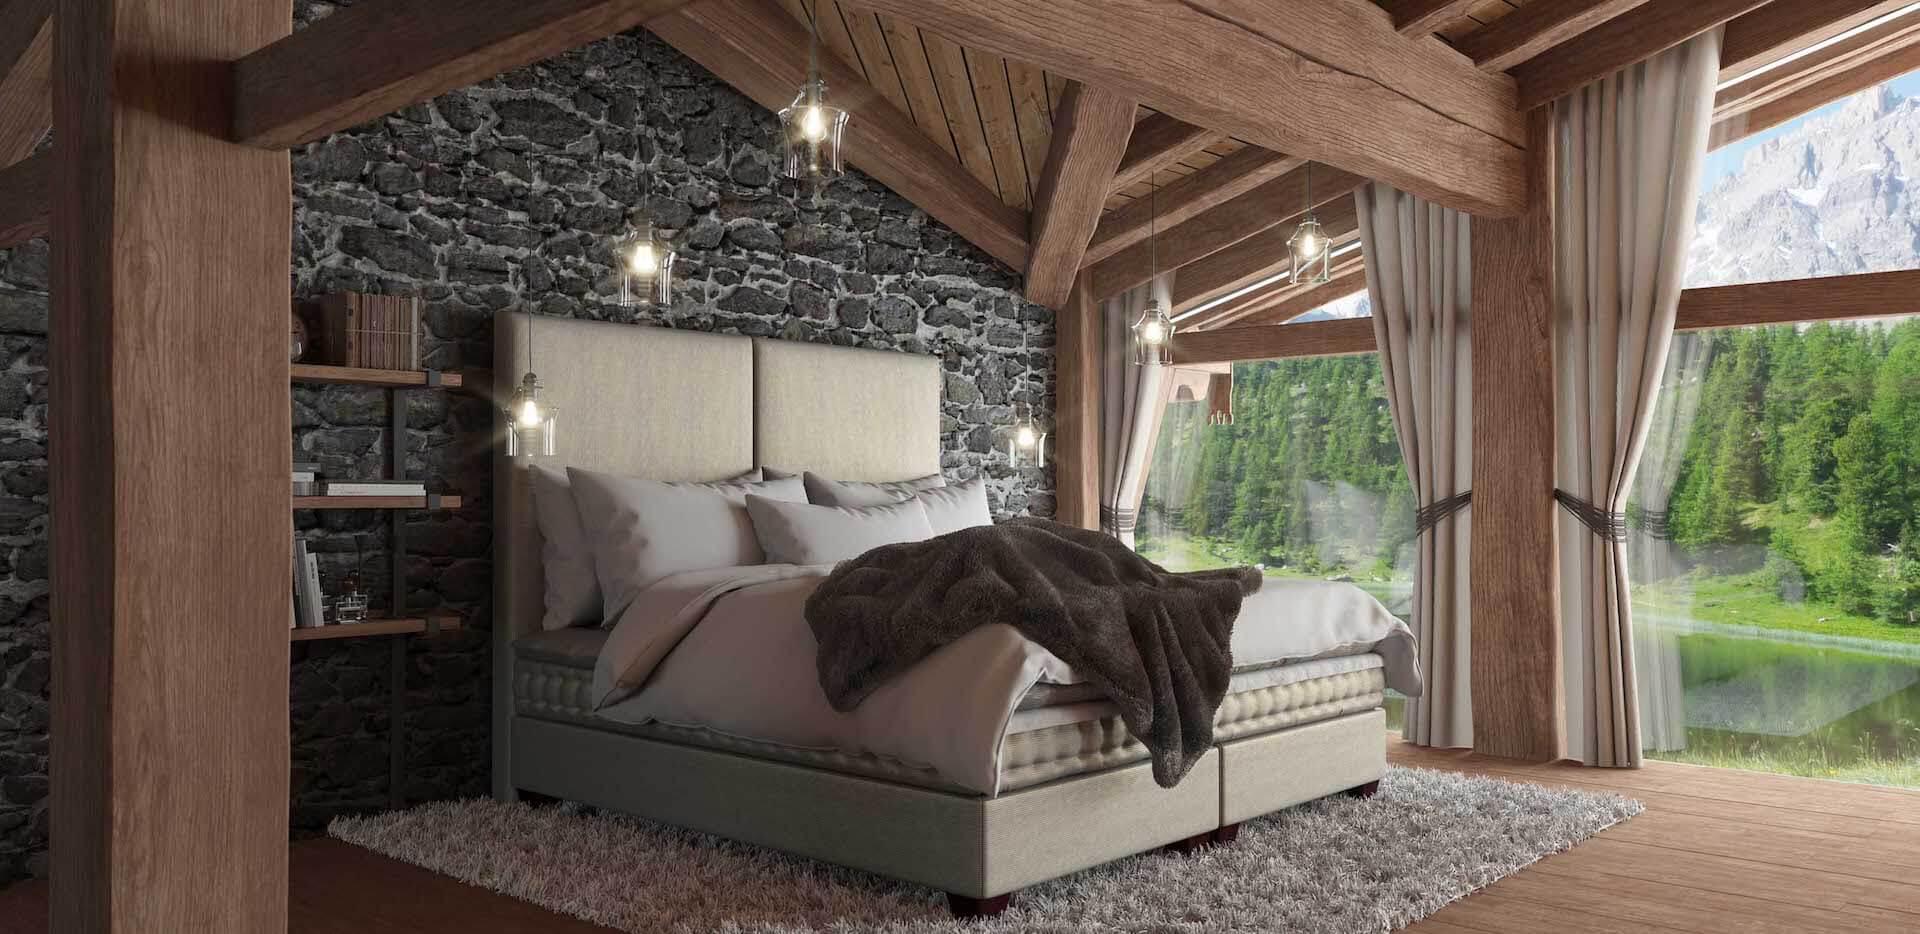 Kontinentální postele v luxusním provedení vám zaručí dokonalý odpočinek